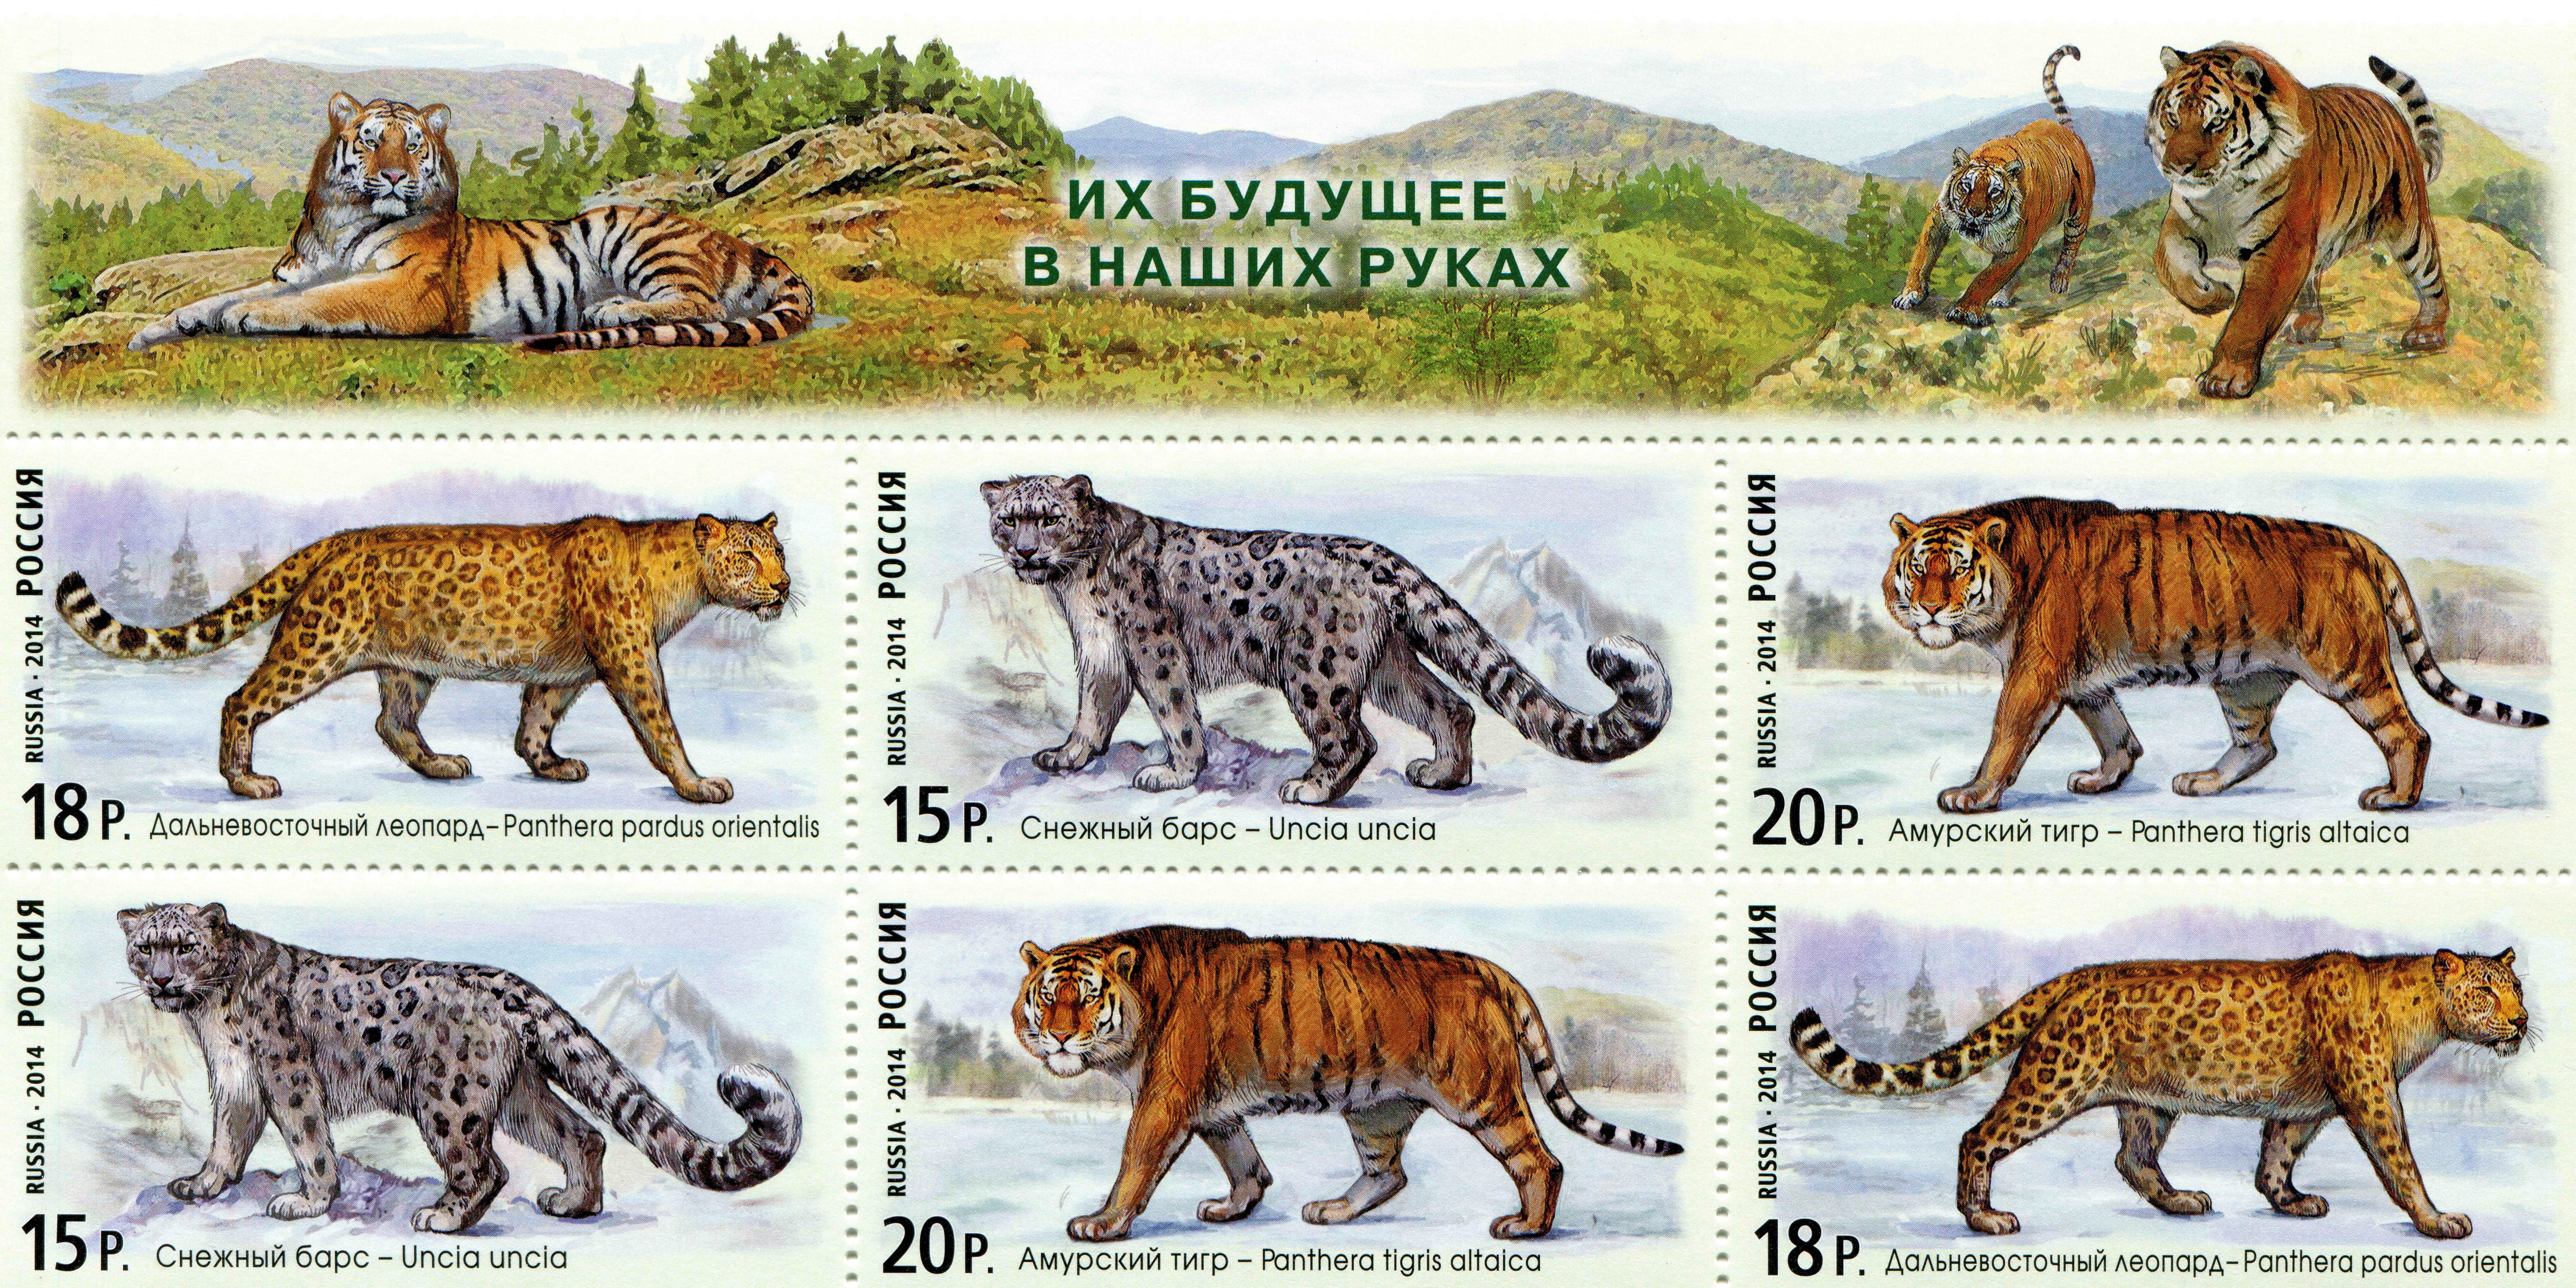 Фотография Тигры Барсы Леопарды Their future developments in our hands животное Рисованные 9164x4582 тигр Ирбис леопард Животные